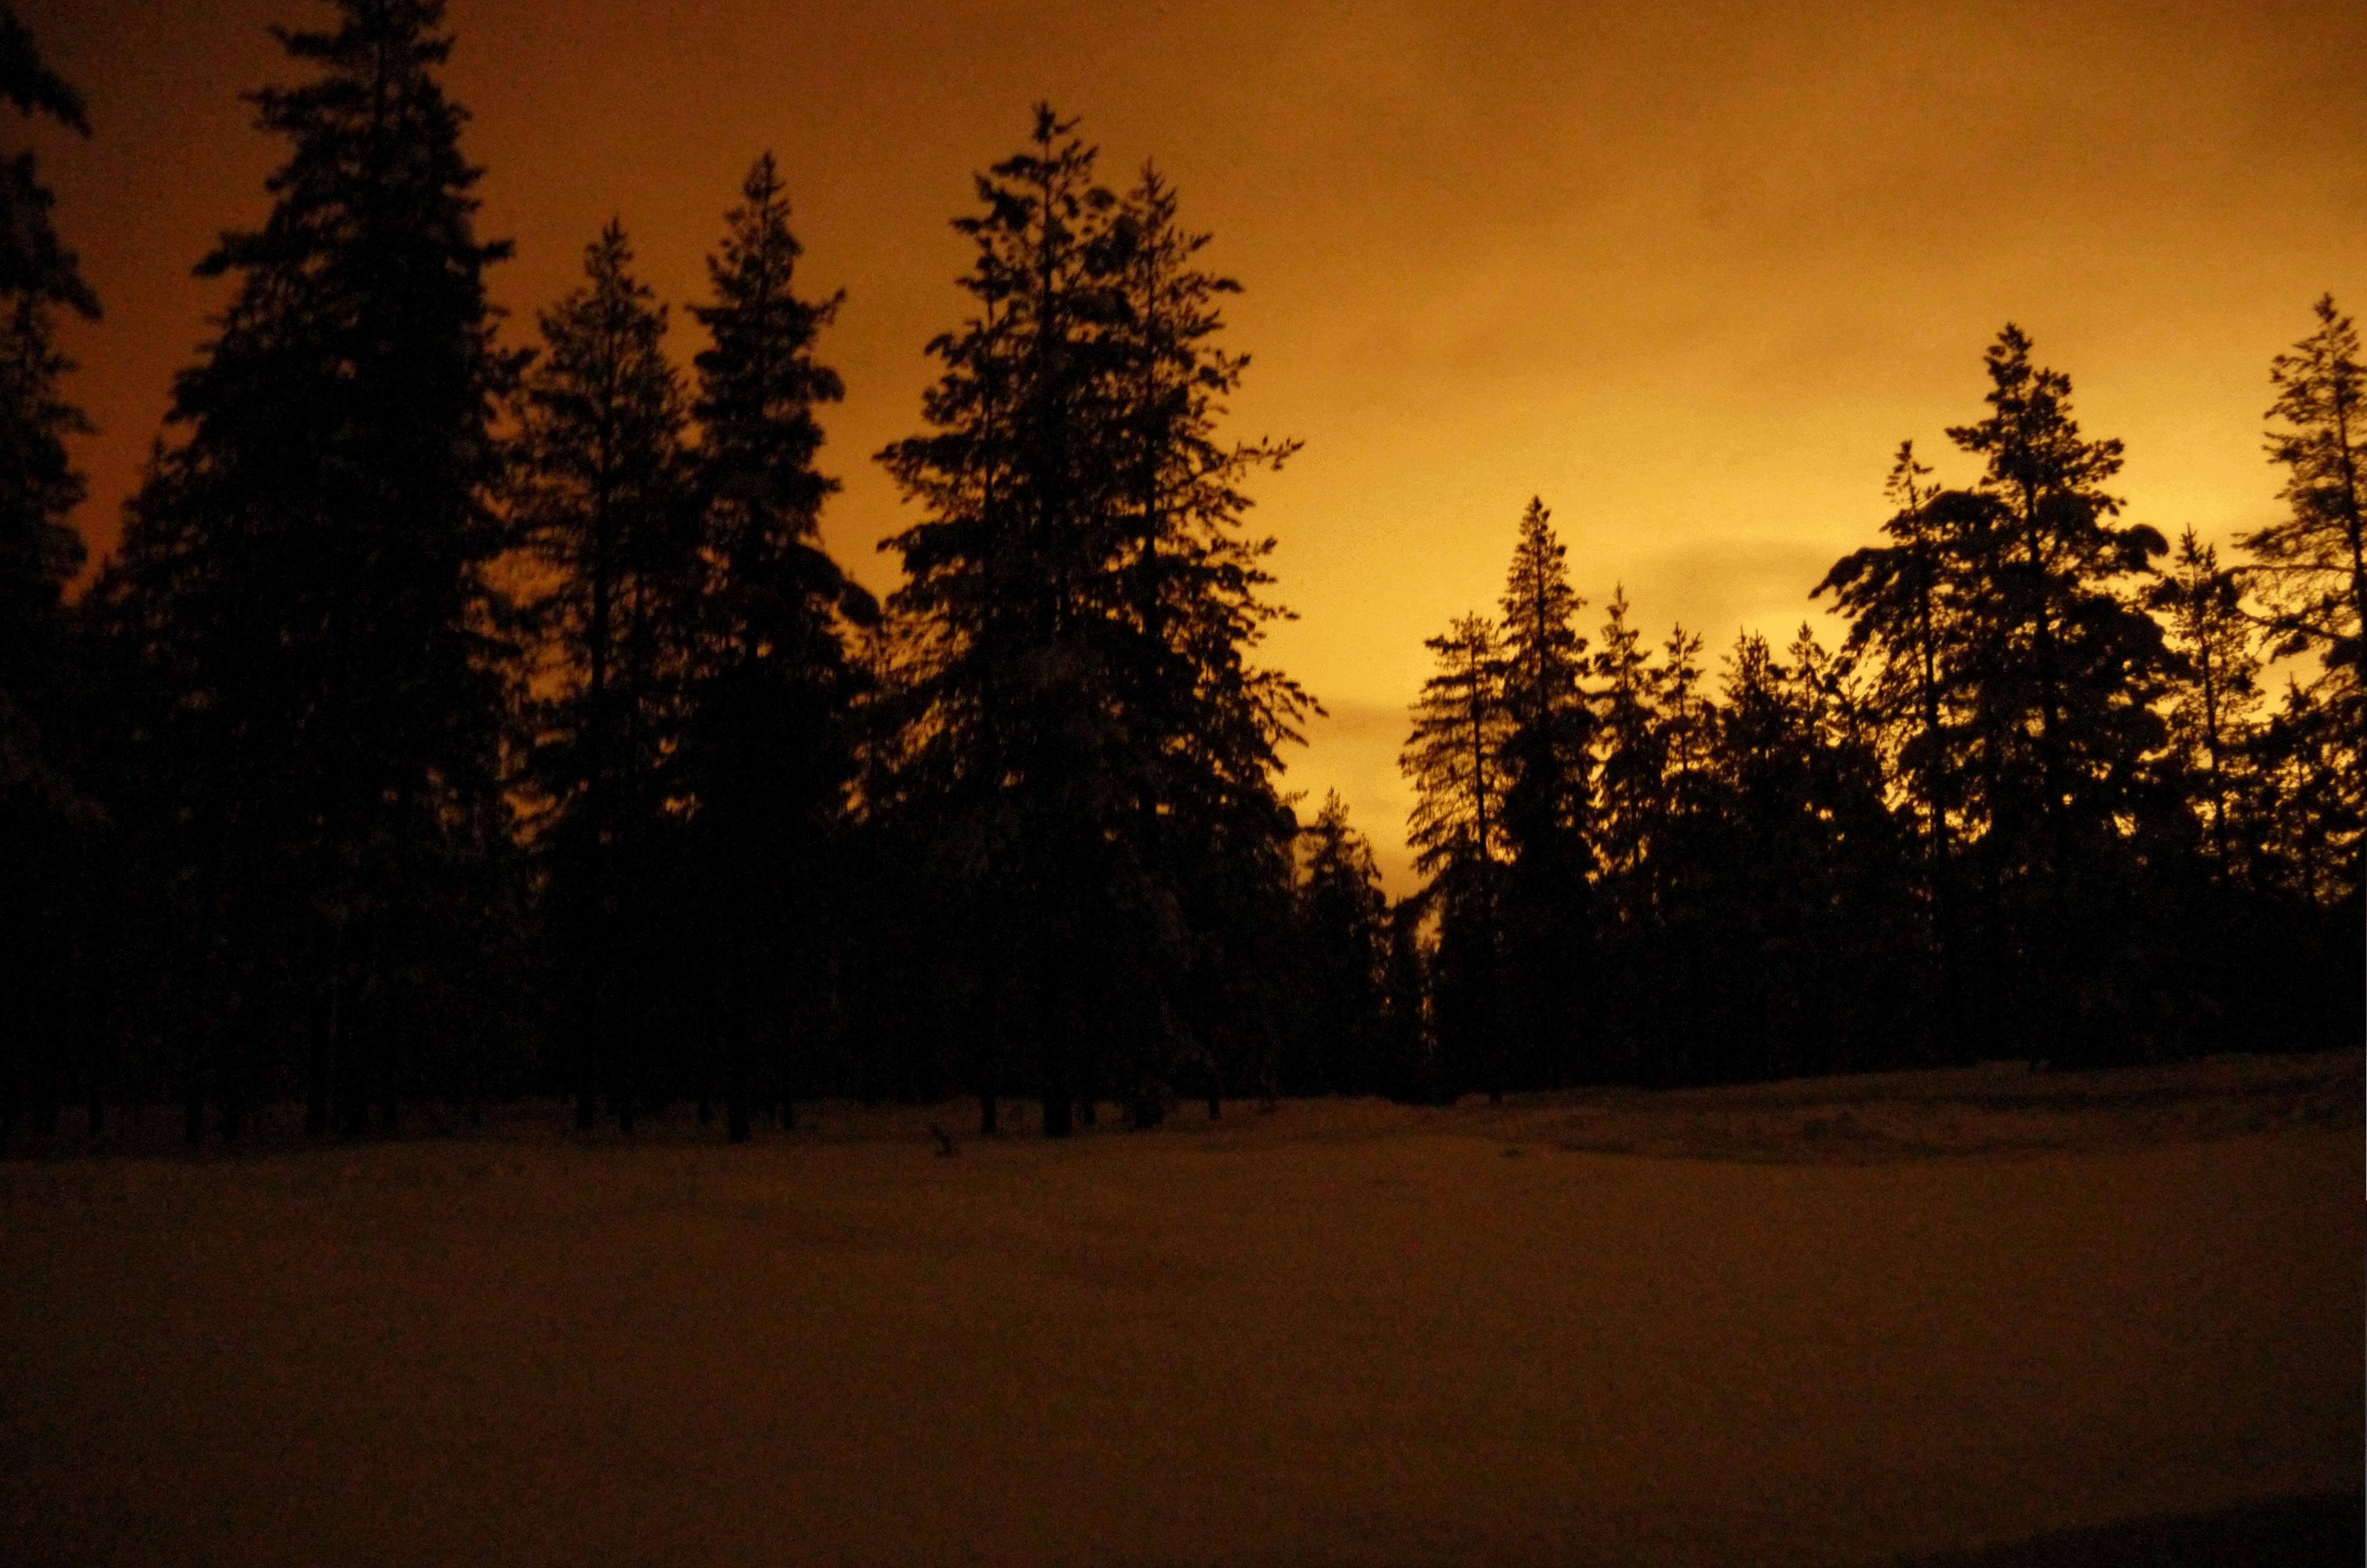 Bäume in der Dunkelheit